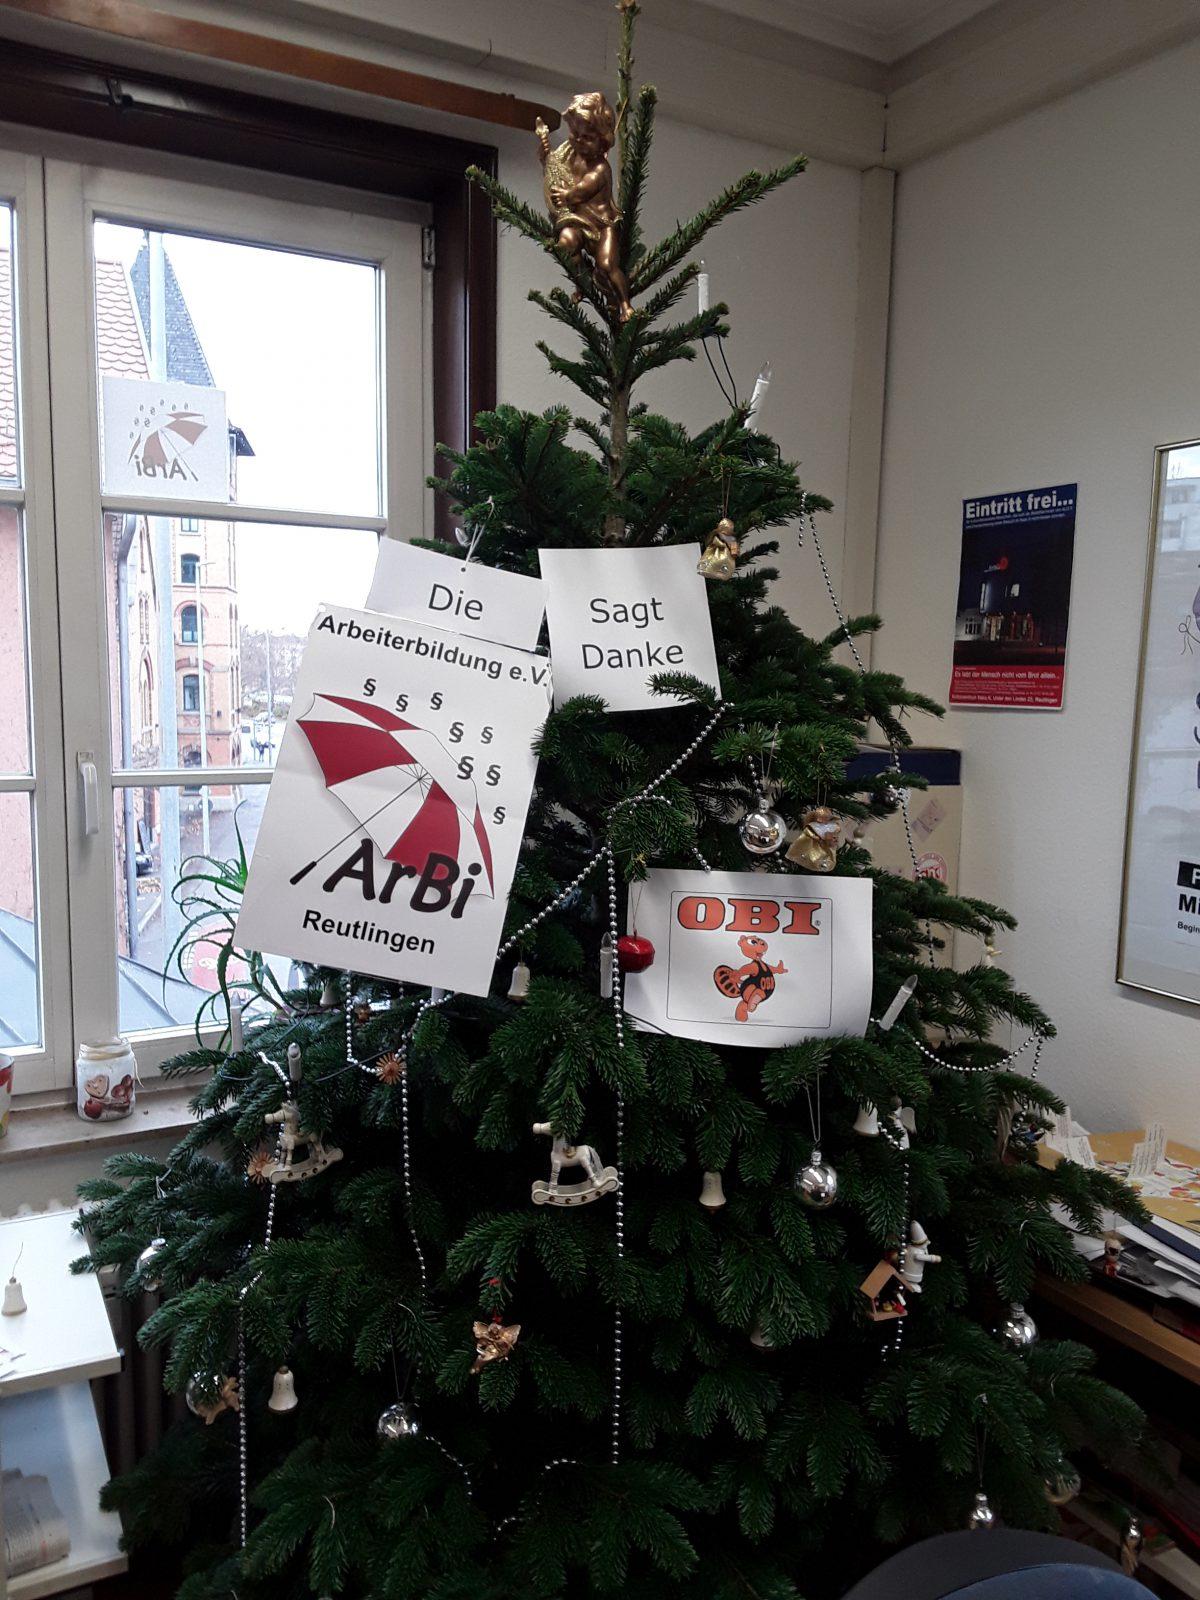 Obi Weihnachtsbaum.Vielen Dank An Obi Pfullingen Für Die Weihnachtsbaum Spende